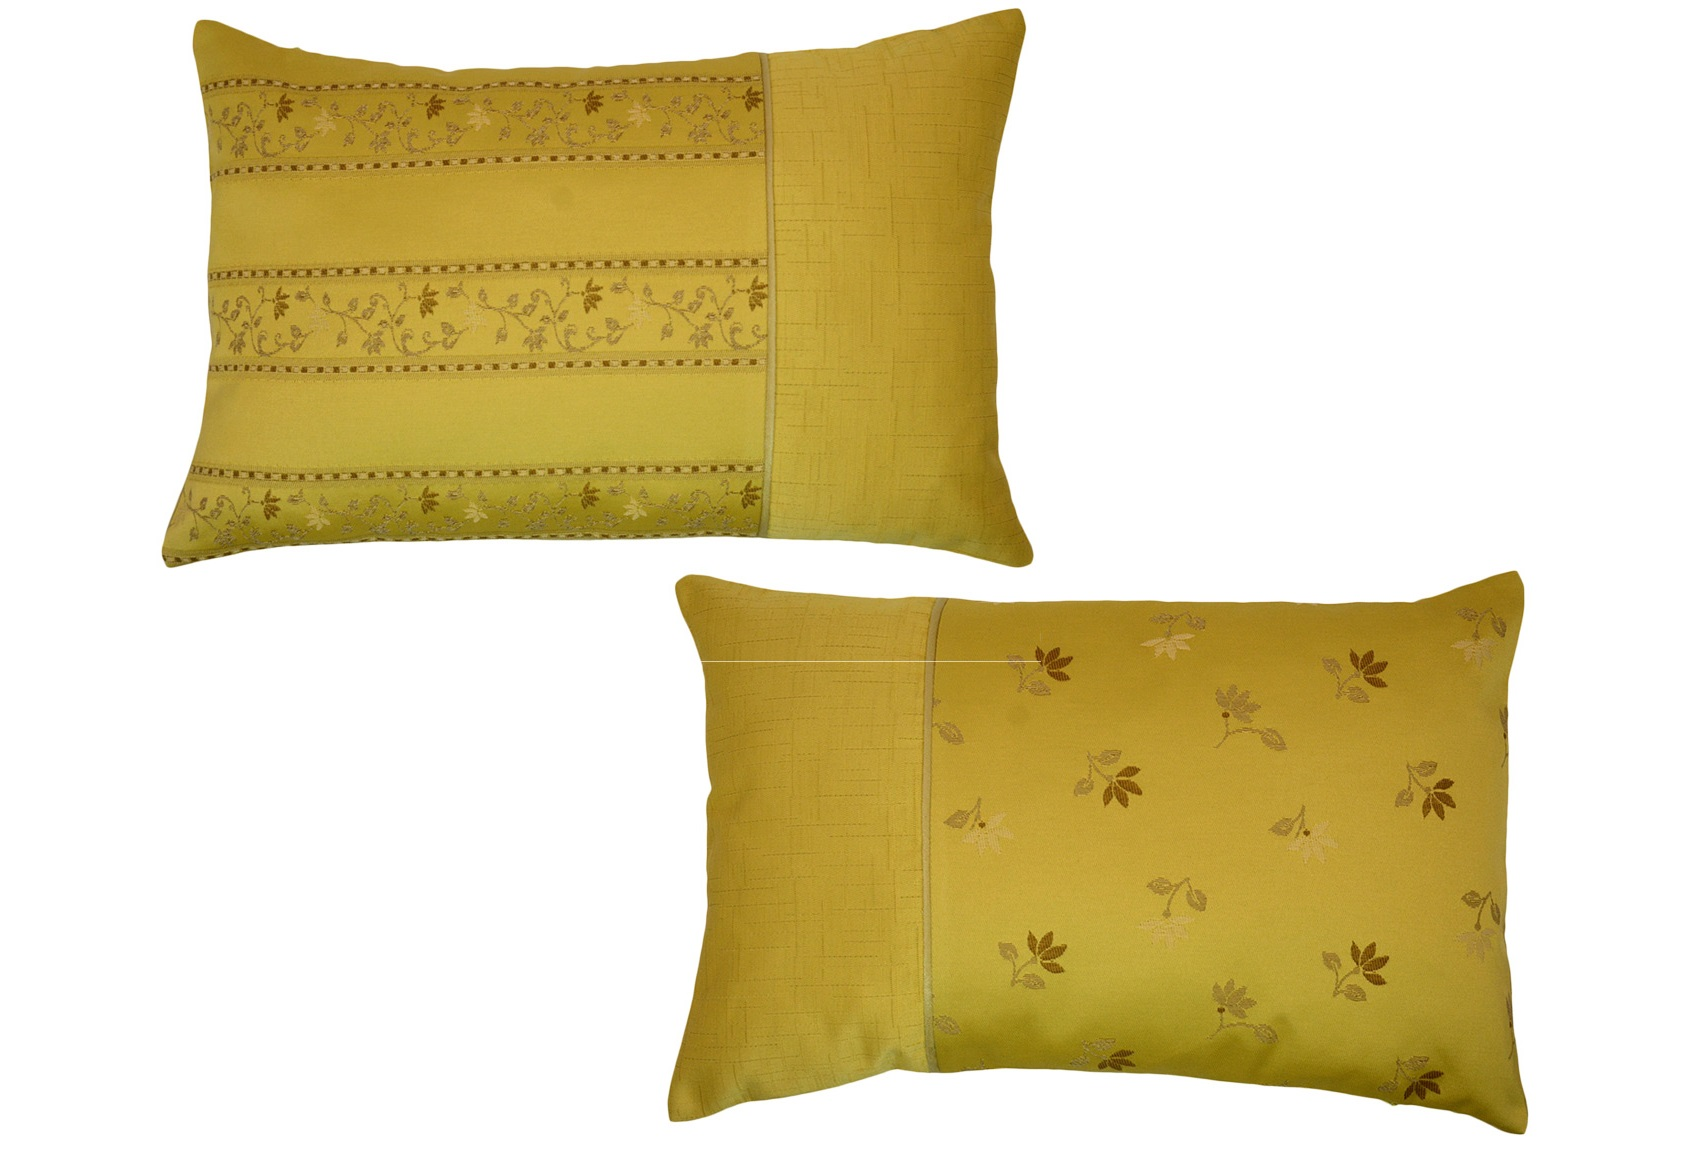 Комплект подушек Cornelia Yellow (2шт)Прямоугольные подушки и наволочки<br>Комплект декоративных  подушек. Чехол съемный.<br><br>Material: Вискоза<br>Length см: None<br>Width см: 55<br>Depth см: 15<br>Height см: 35